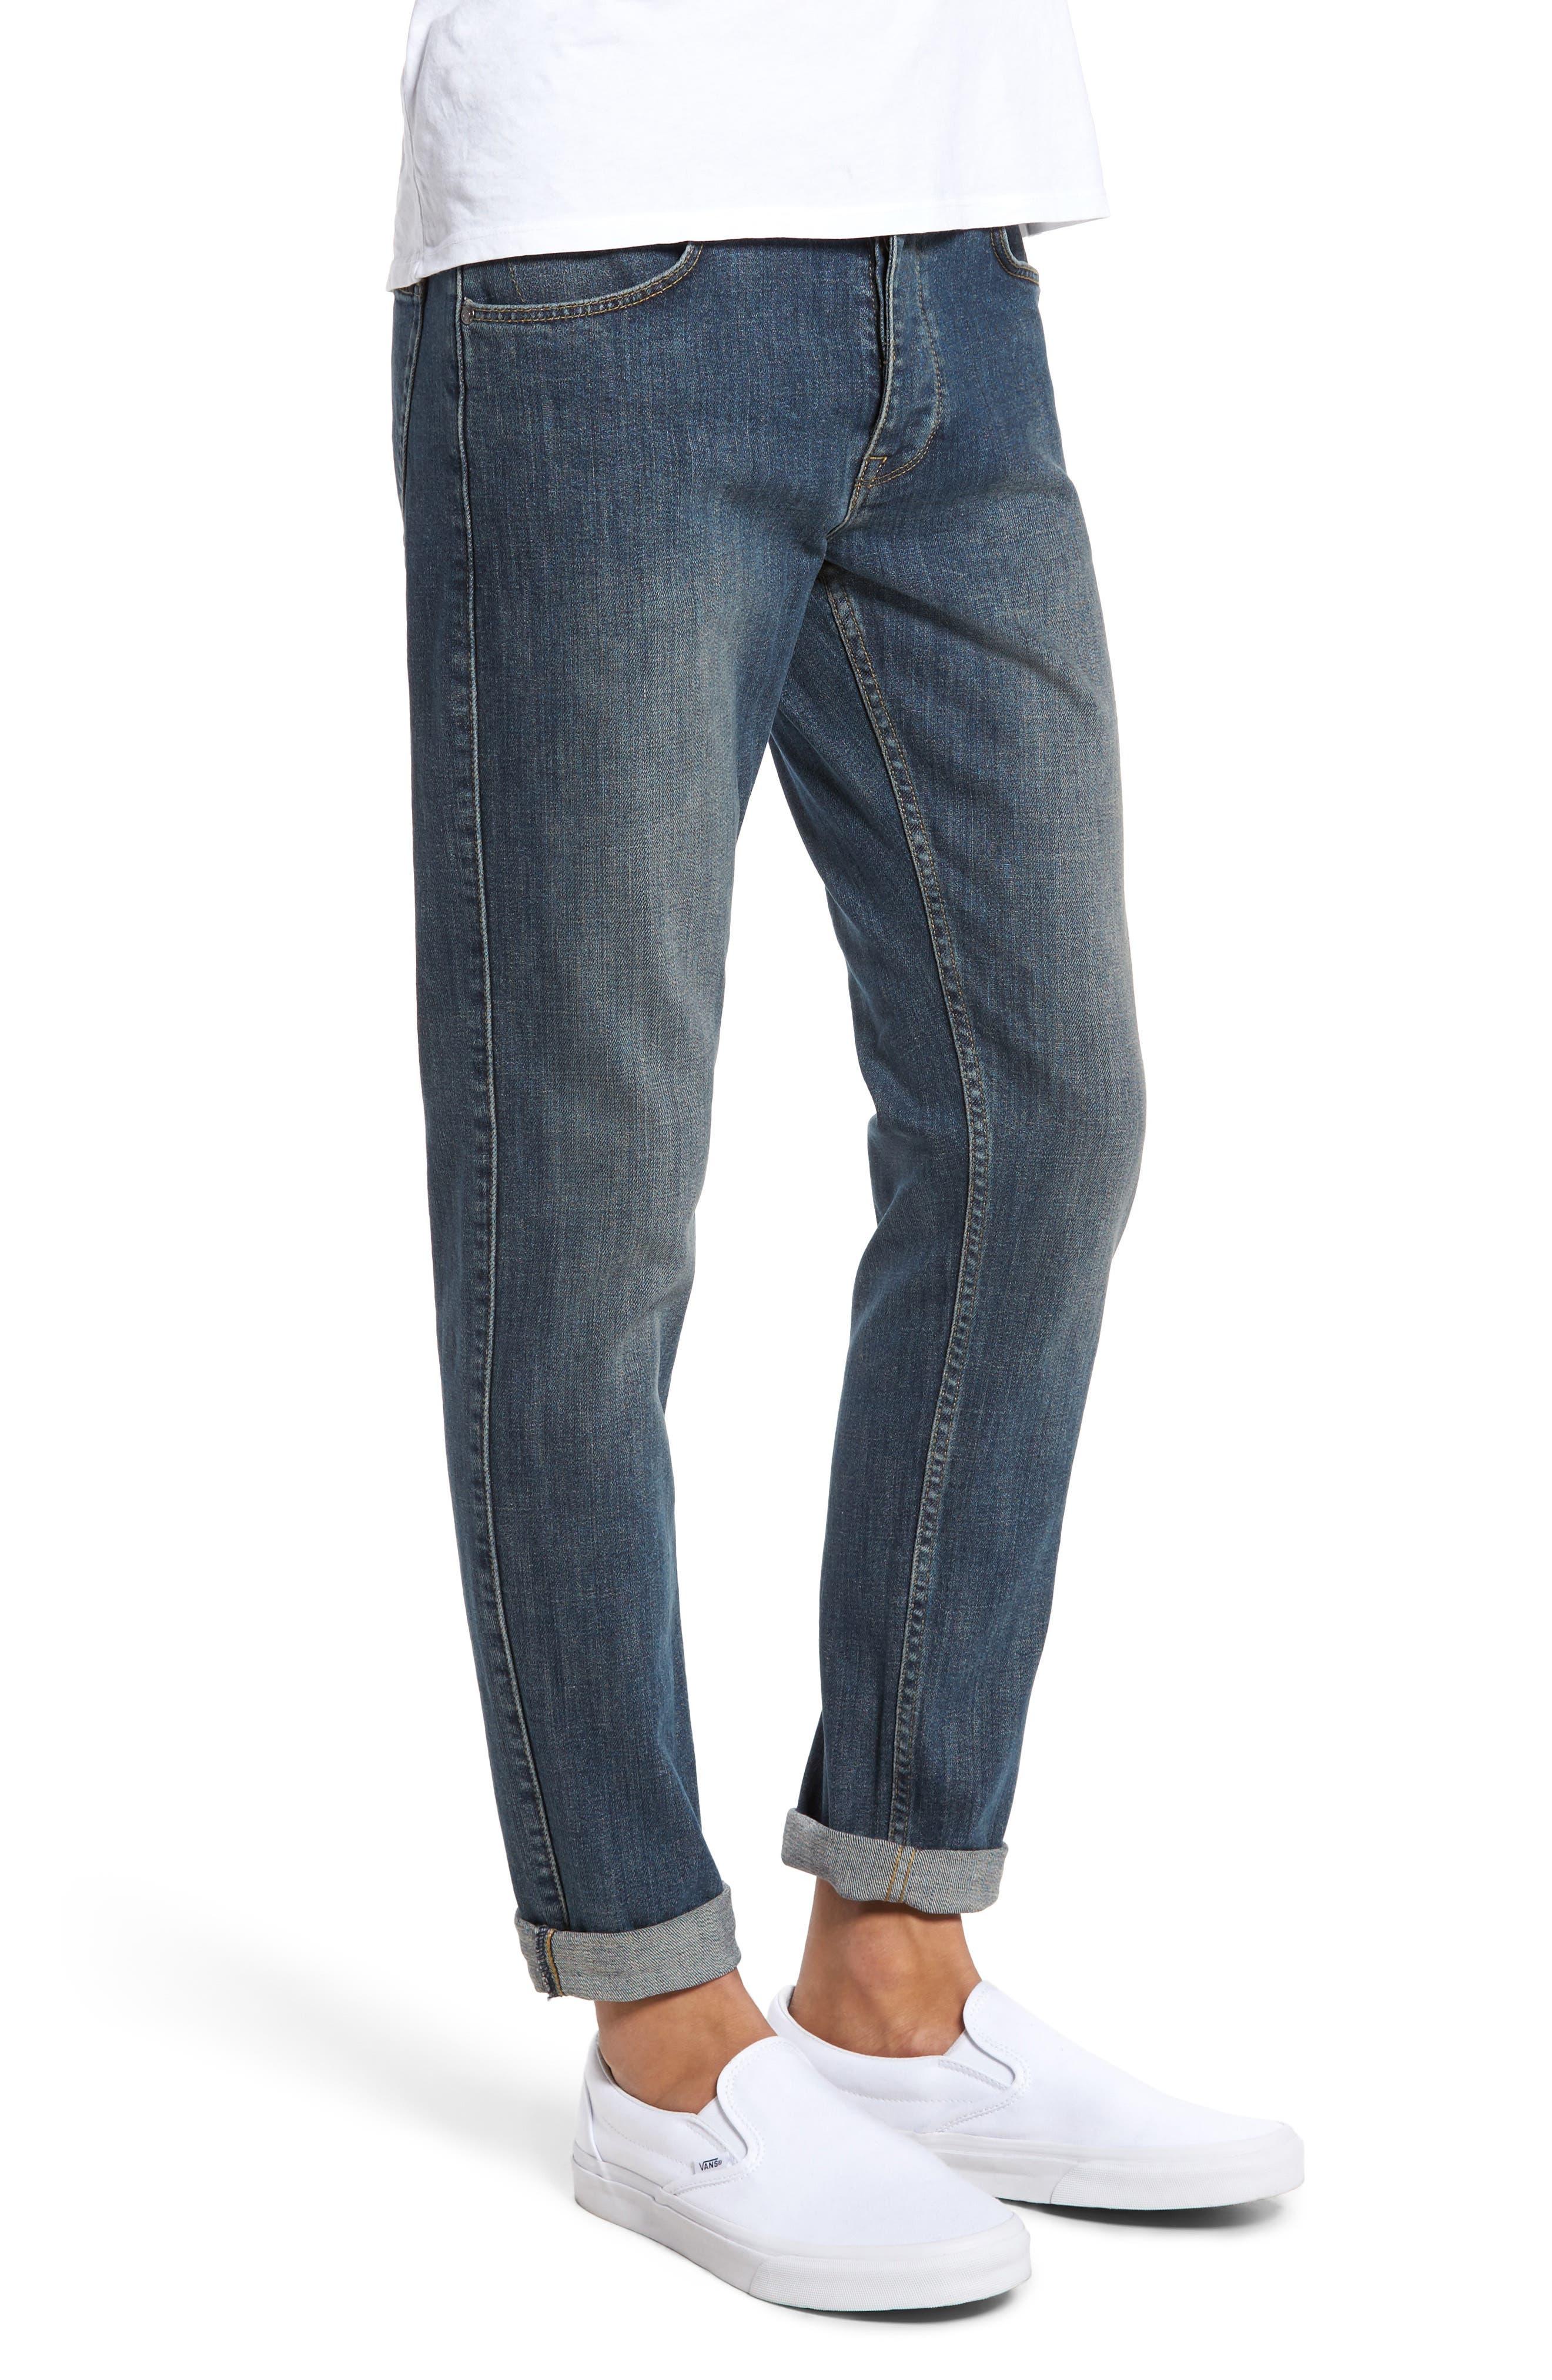 Alternate Image 3  - Dr. Denim Supply Co. Clark Slim Straight Leg Jeans (90s Mid Blue)